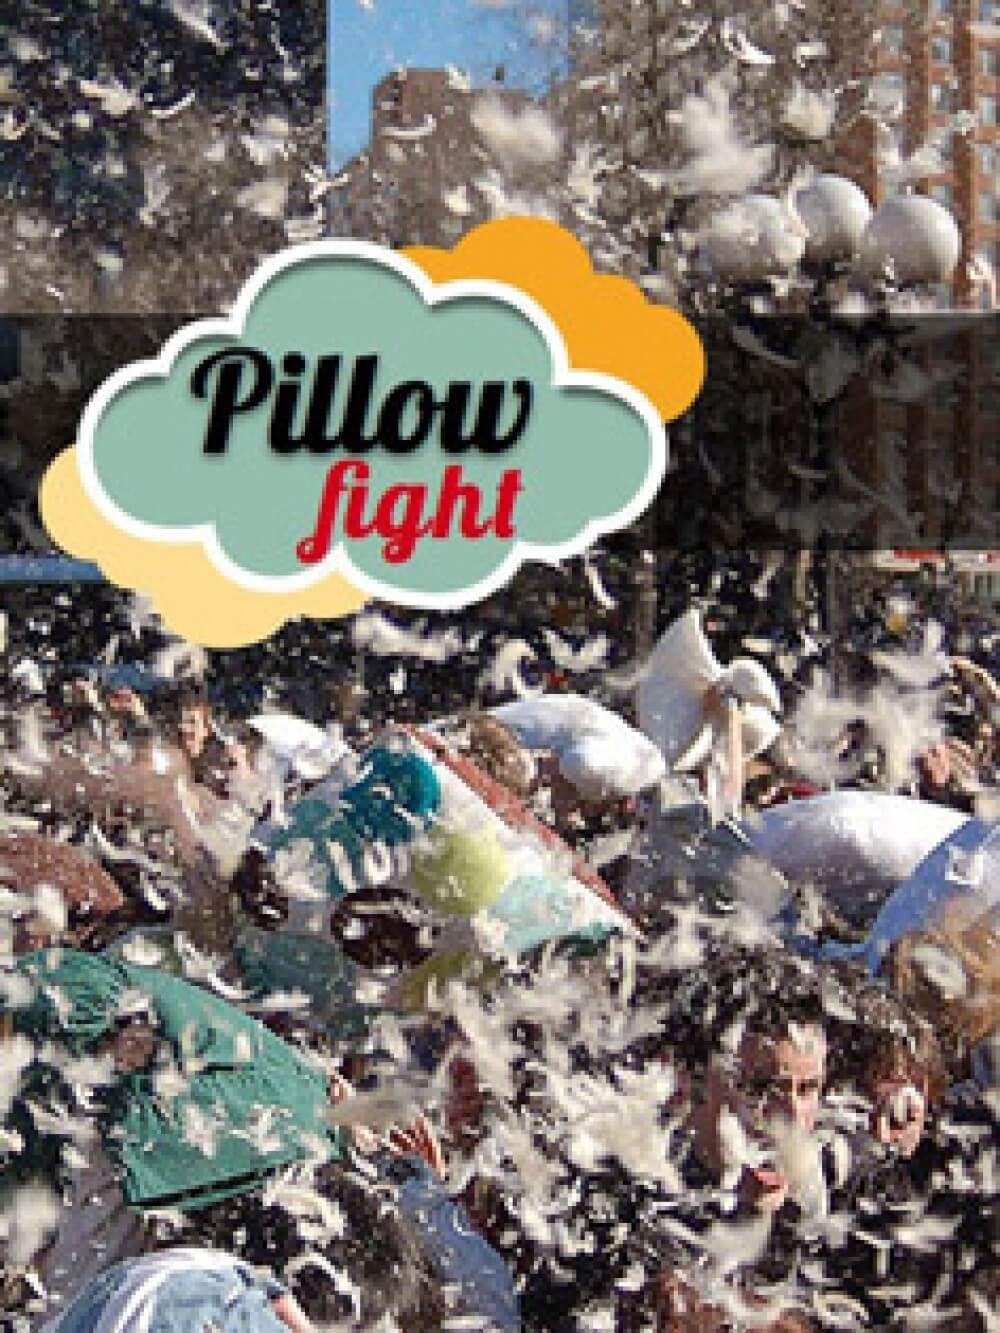 pillow_fight_vertical_web